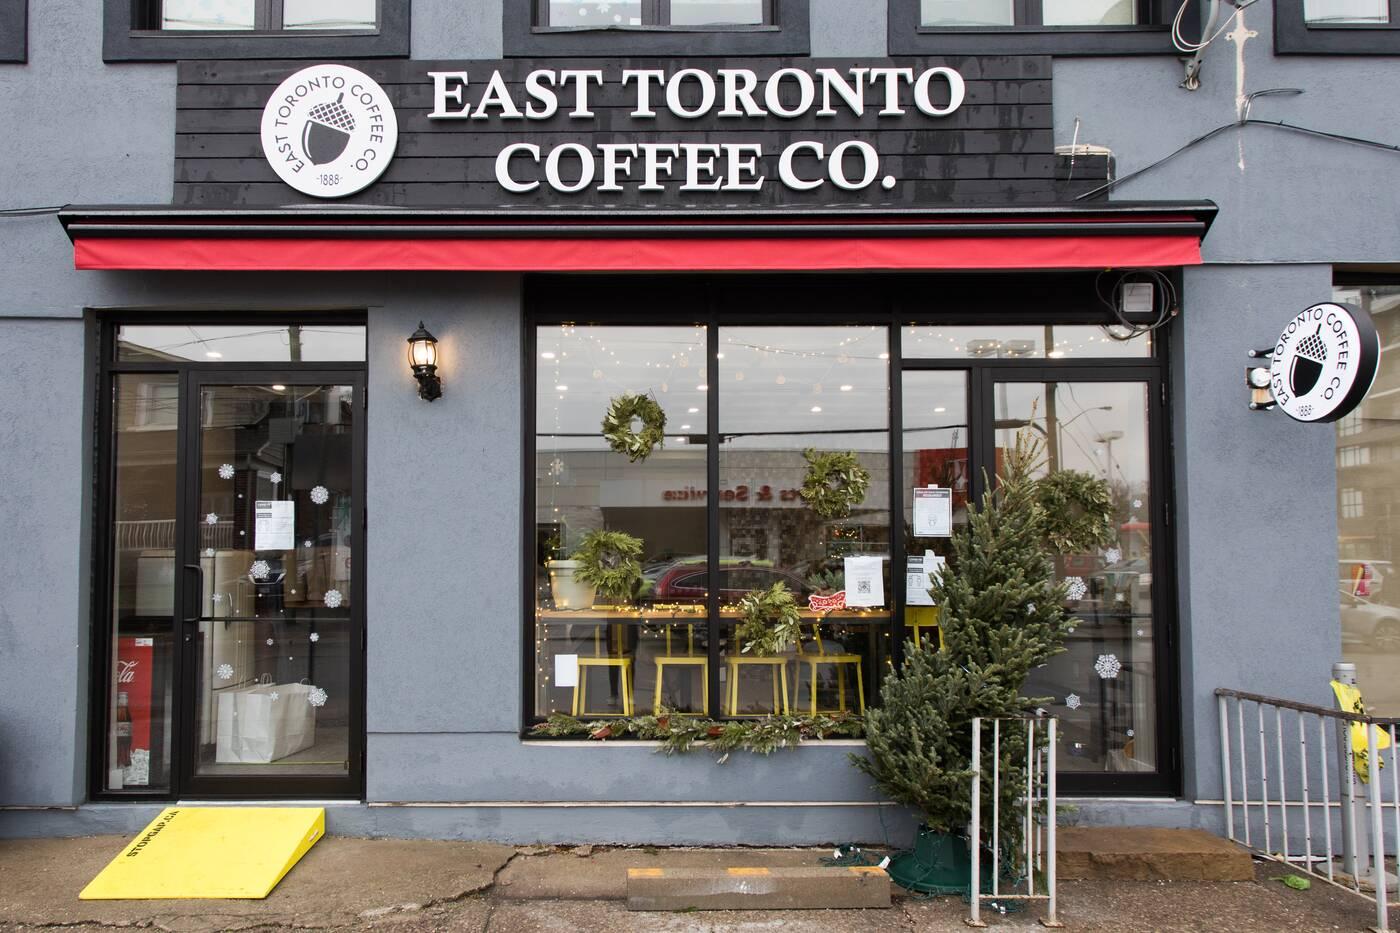 east toronto coffee co